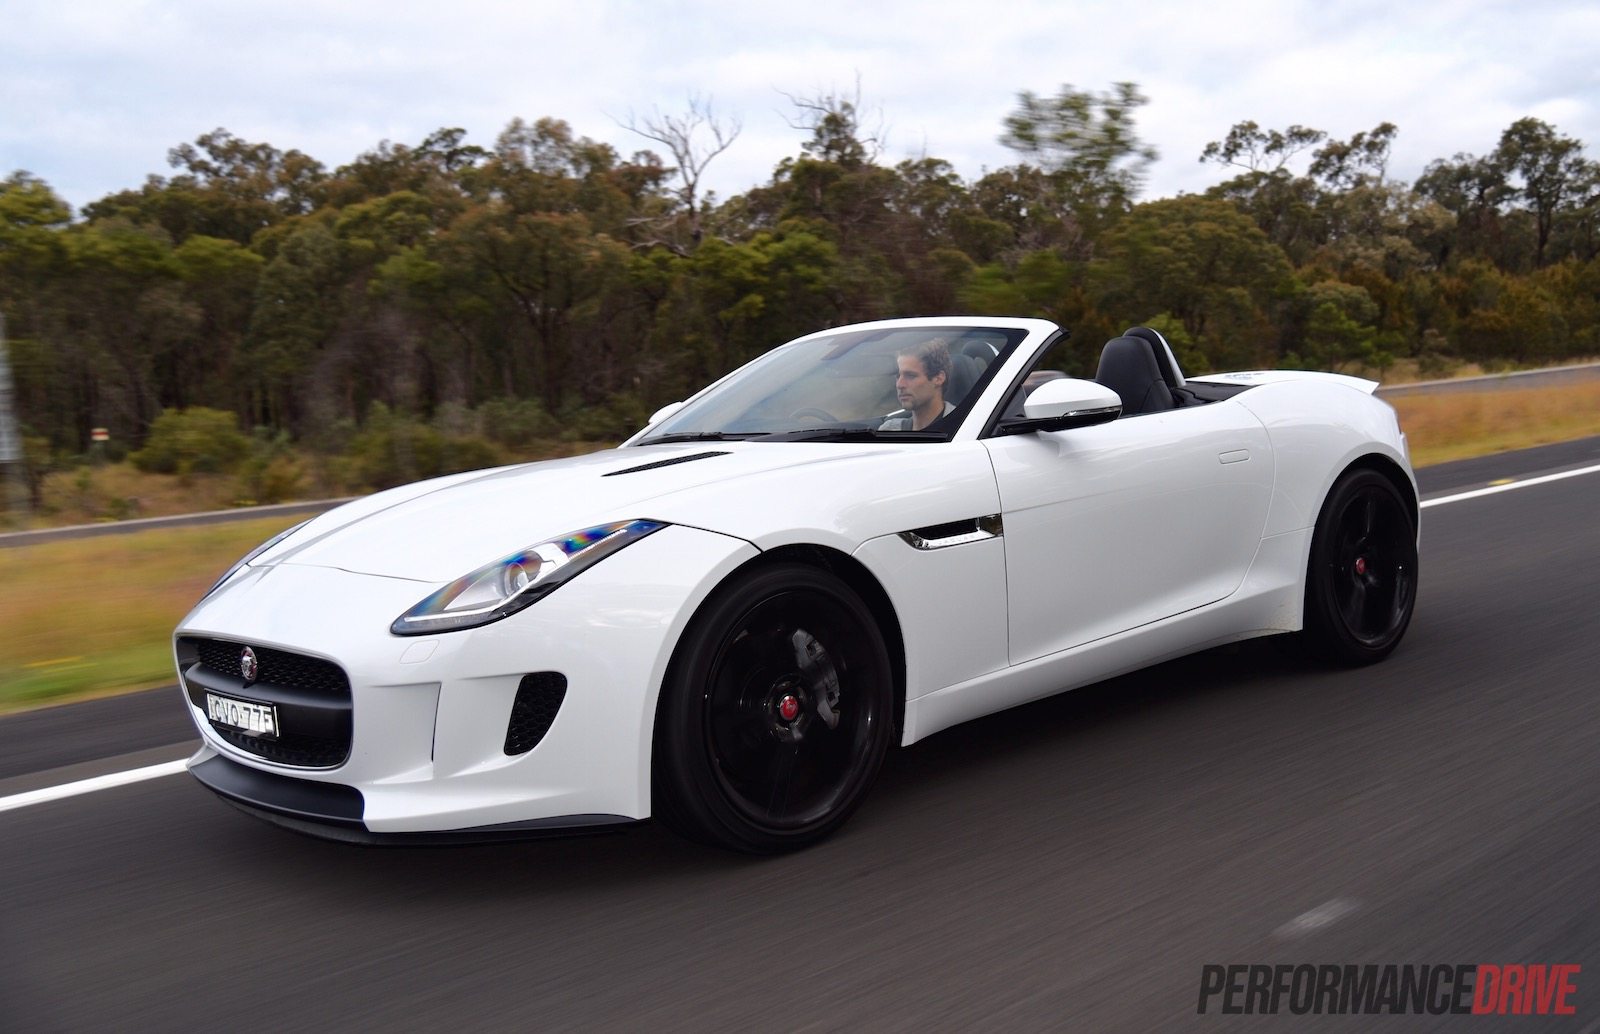 New: 2015 Jaguar F-Type V6 (White)